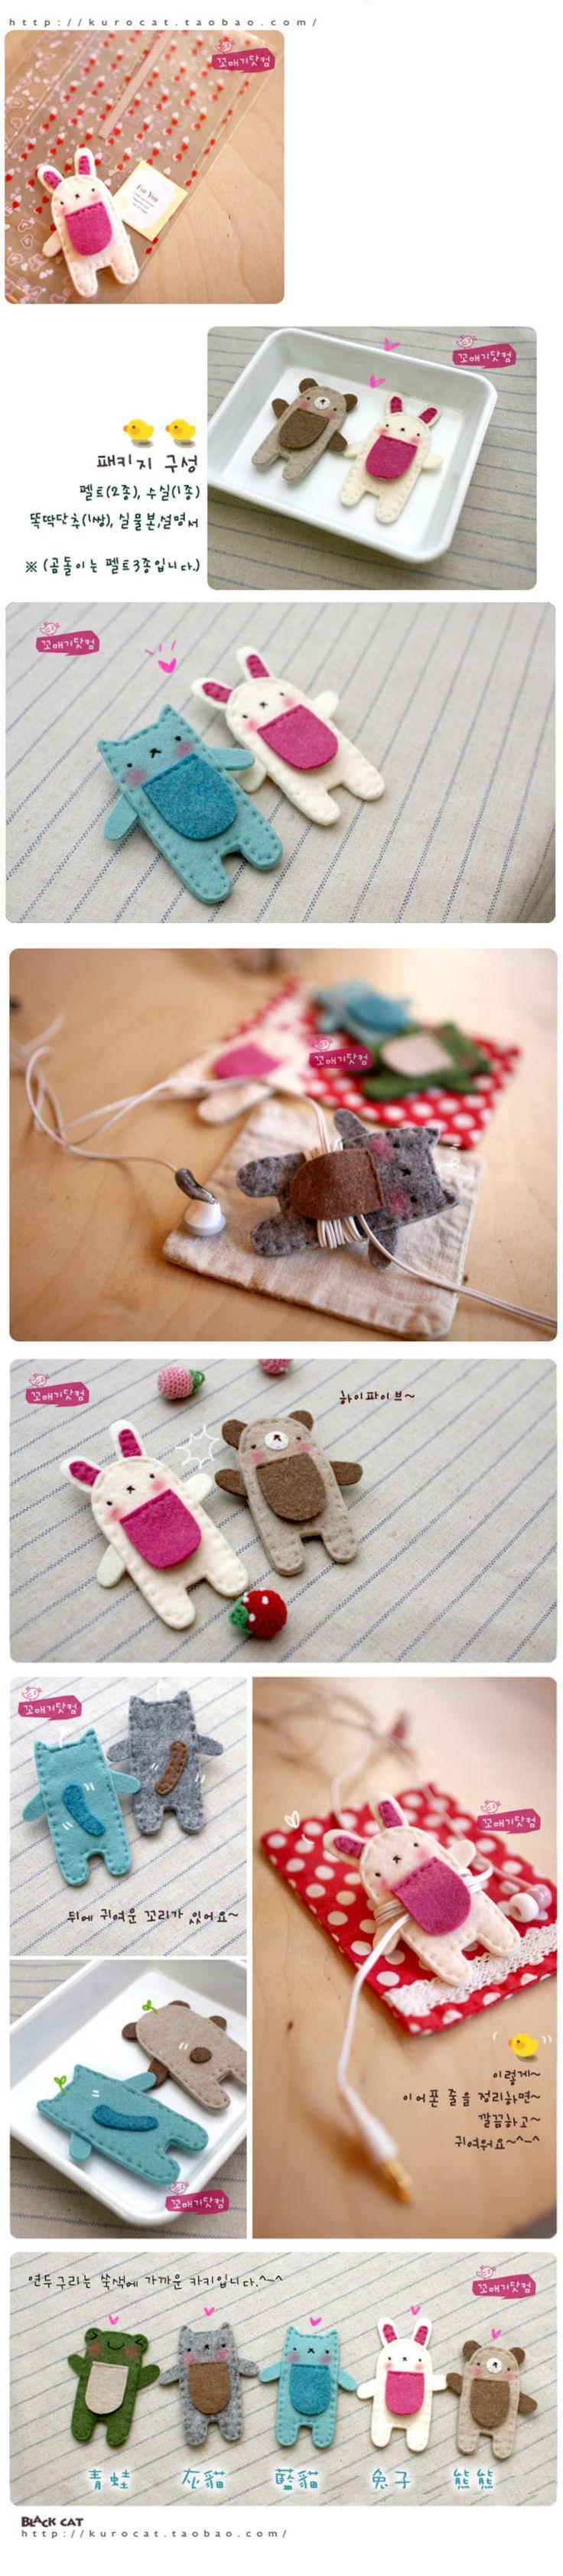 很简单的小创意 - 堆糖 发现生活_收集美好_分享图片